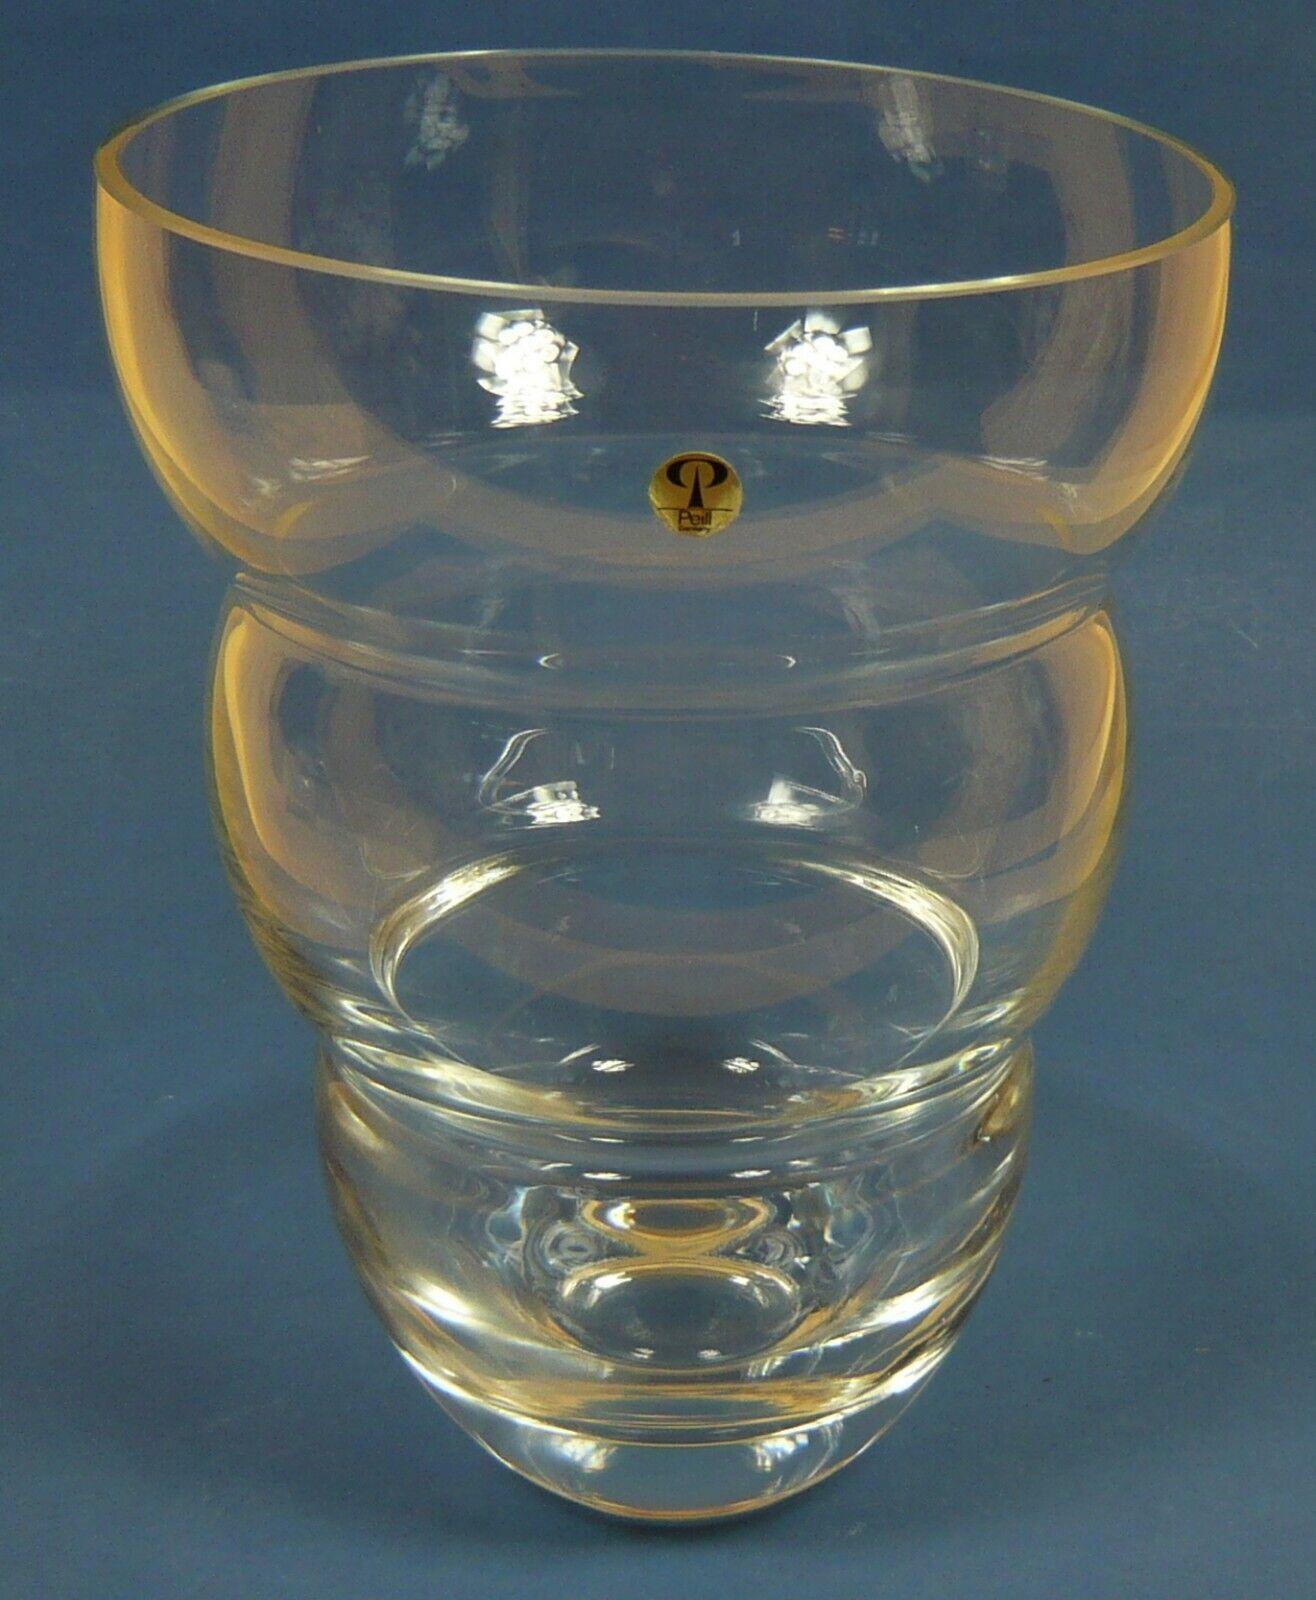 Peill-Grand verre Vase - 25 cm -  15724